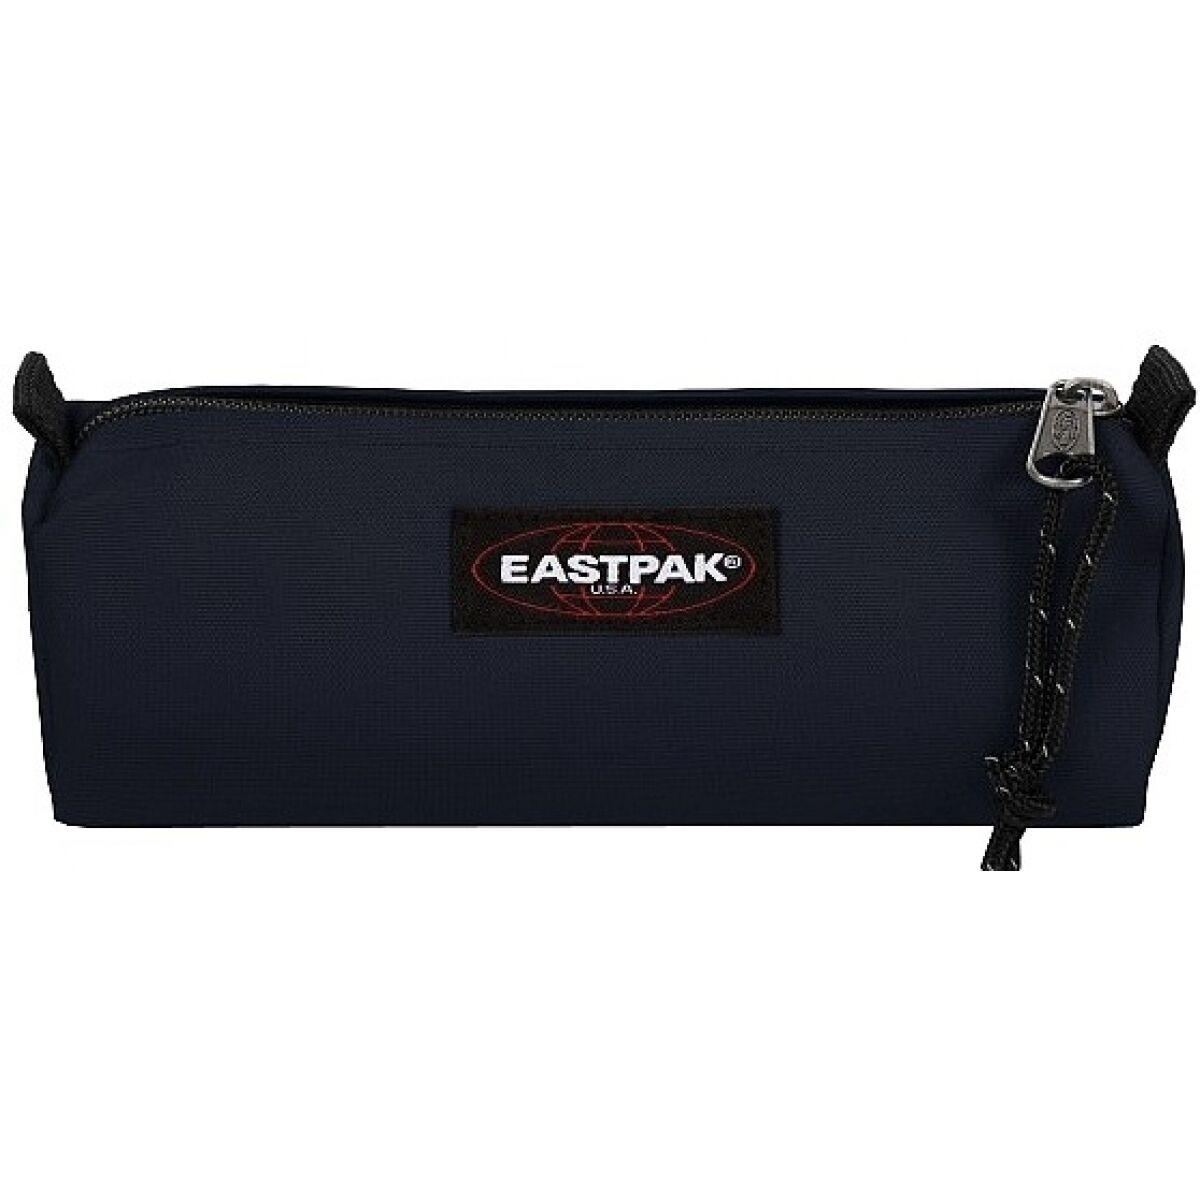 Eastpak Trousse Scolaire Eastpak - ASSORTIS